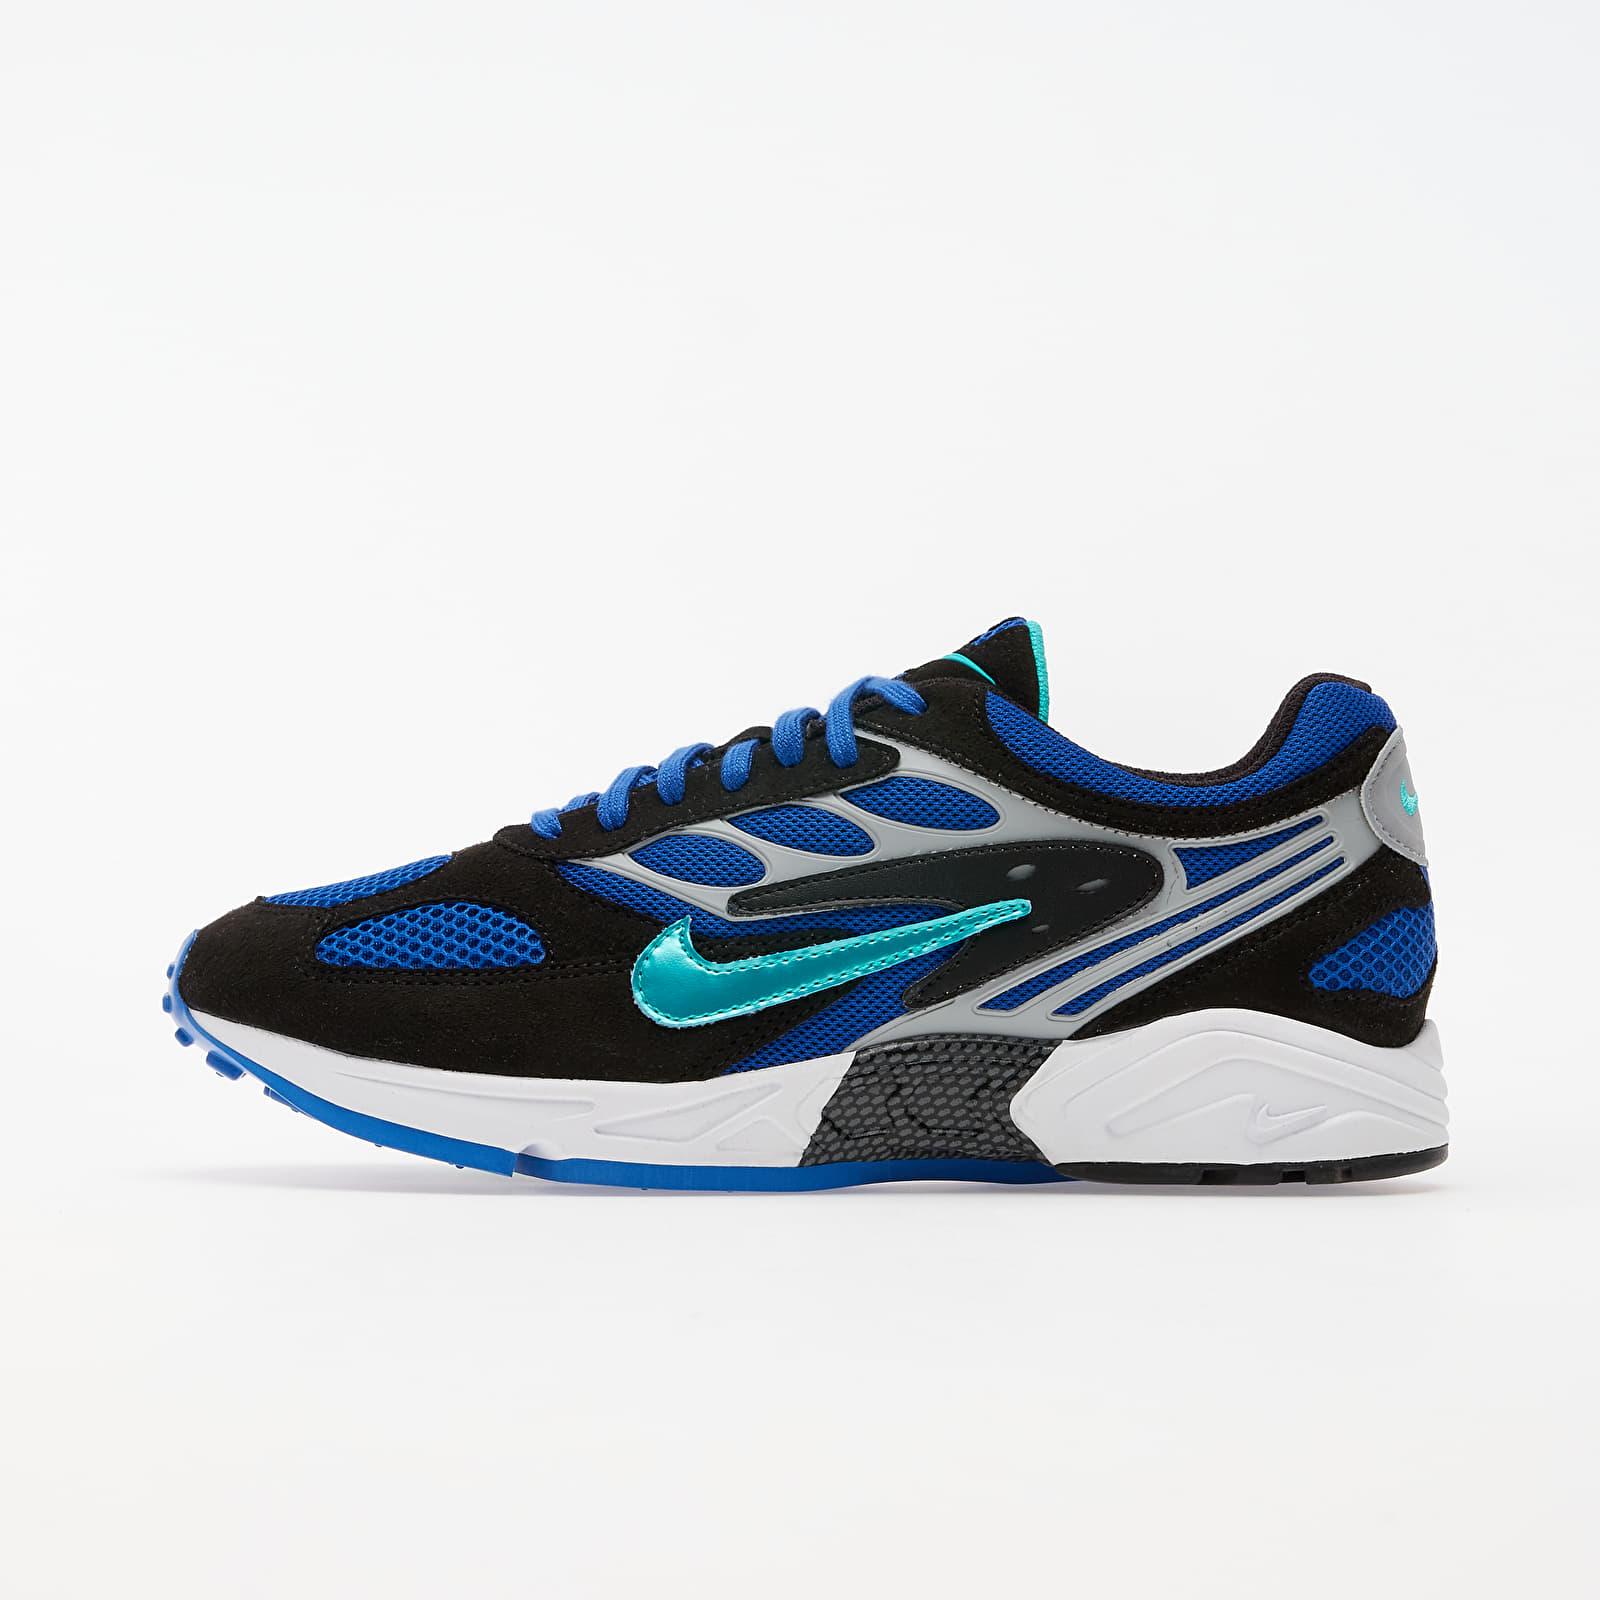 Pánské tenisky a boty Nike Air Ghost Racer Black/ Hyper Jade-Racer Blue-Wolf Grey